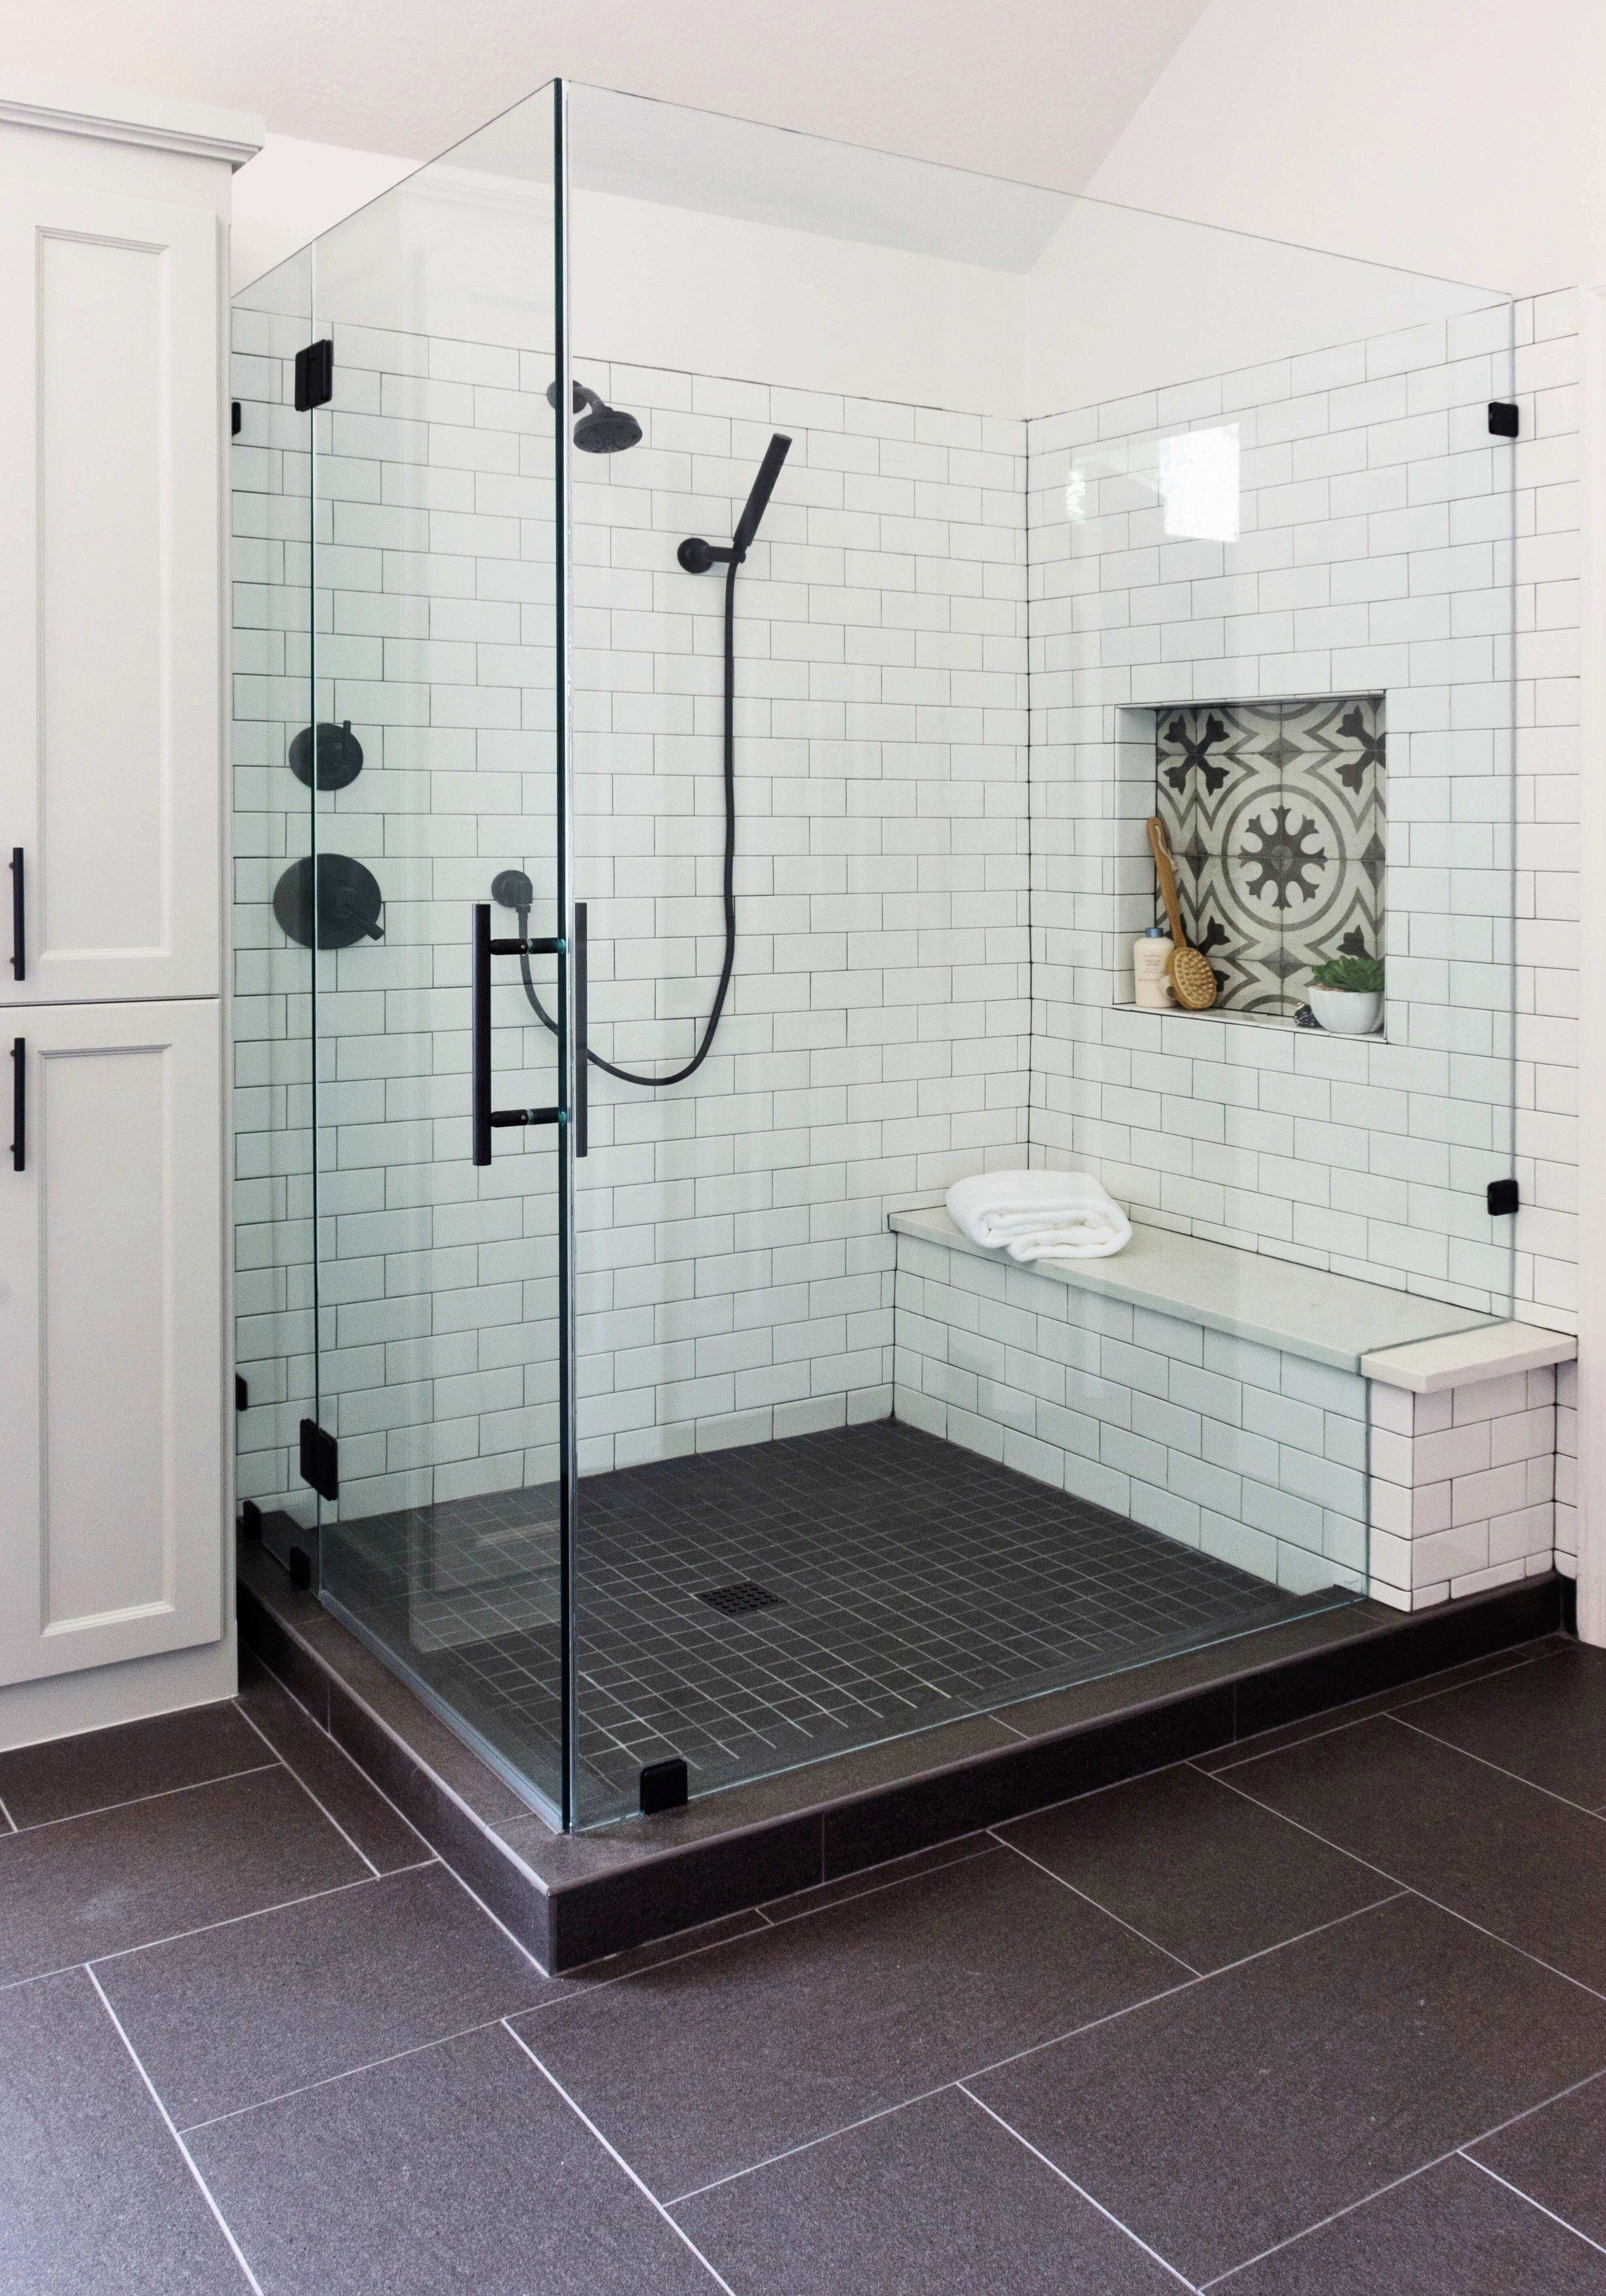 Master Bath Shower Remodel by Carla Aston.jpg